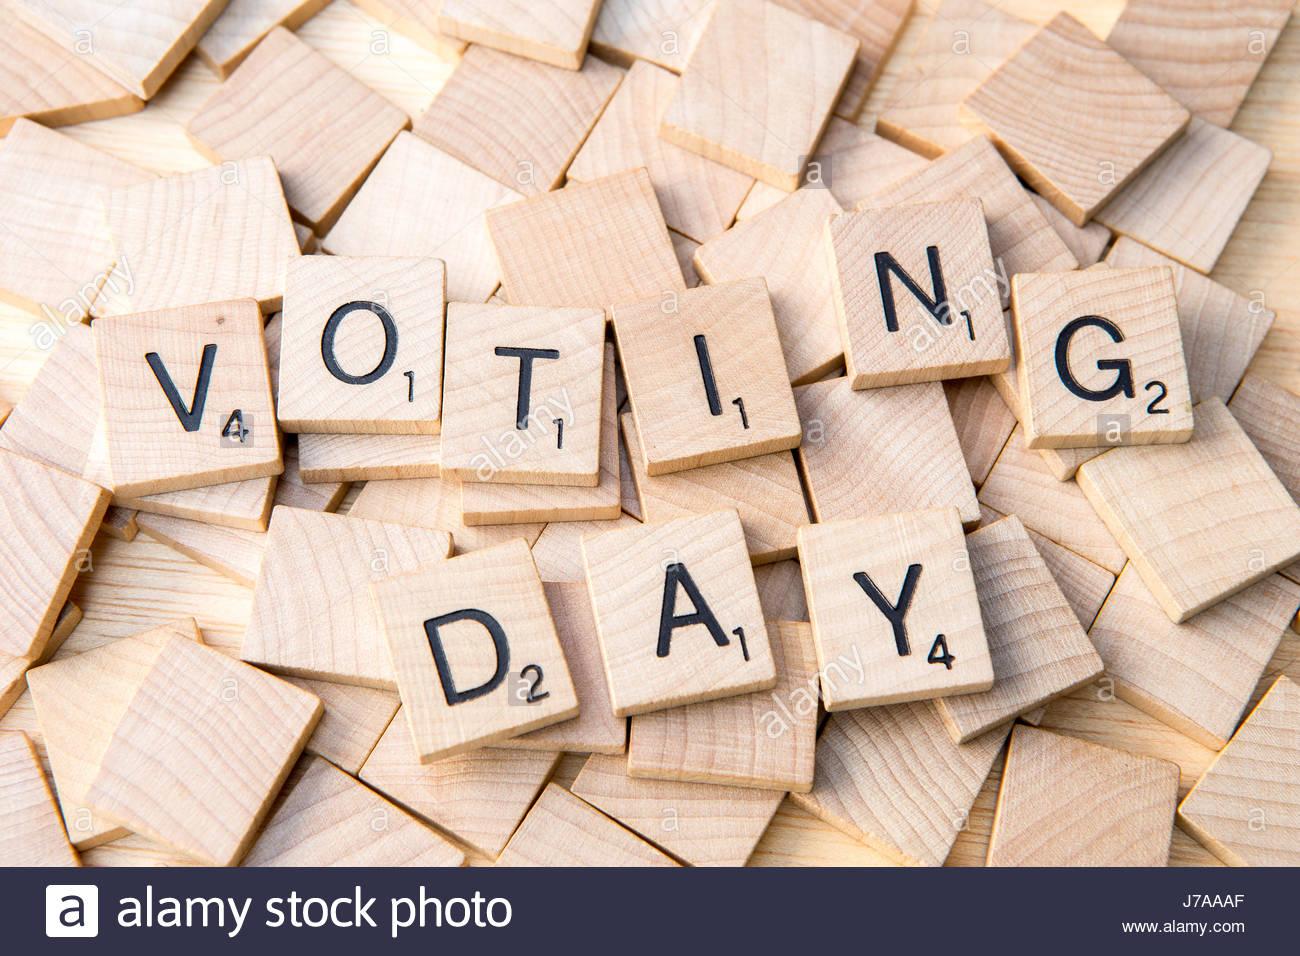 La giornata elettorale farro con lettere di scrabble su piastrelle